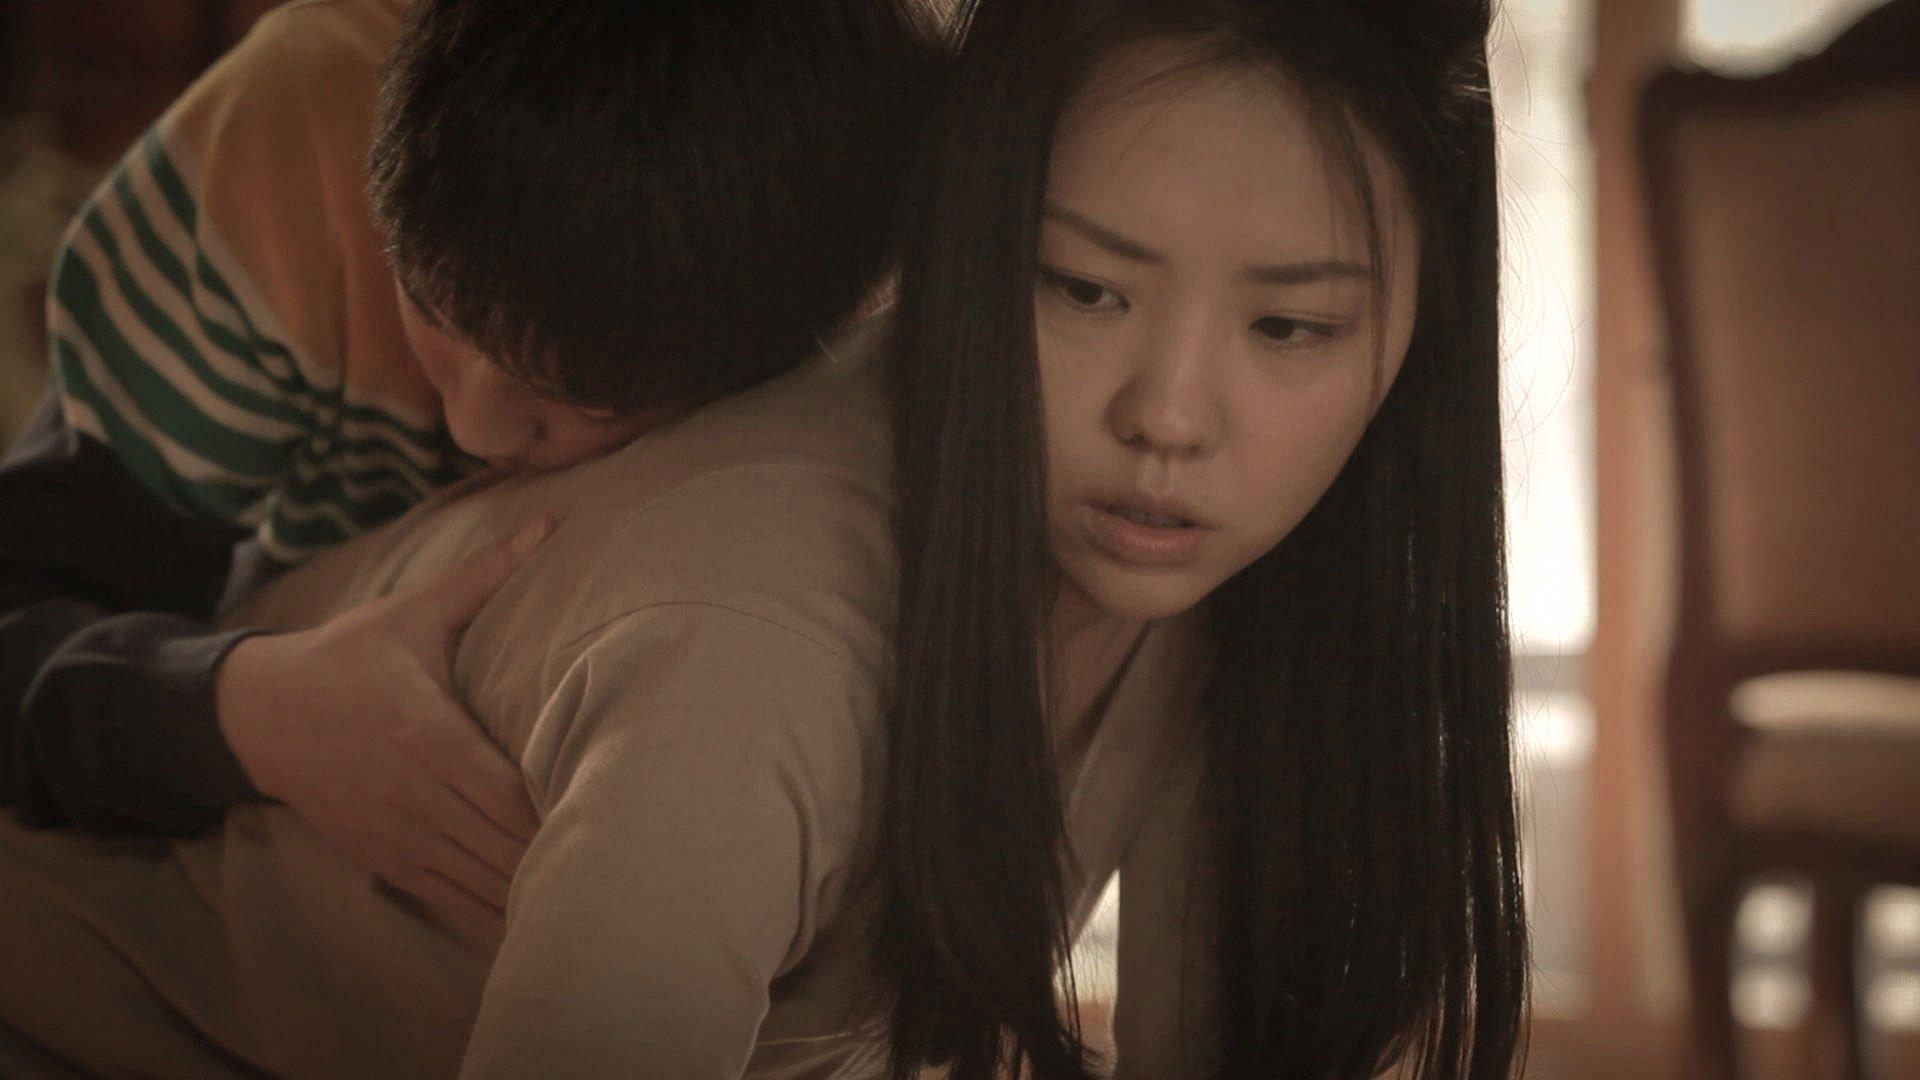 Член японские фильмы для взрослых смотреть онлайн мини-юбках